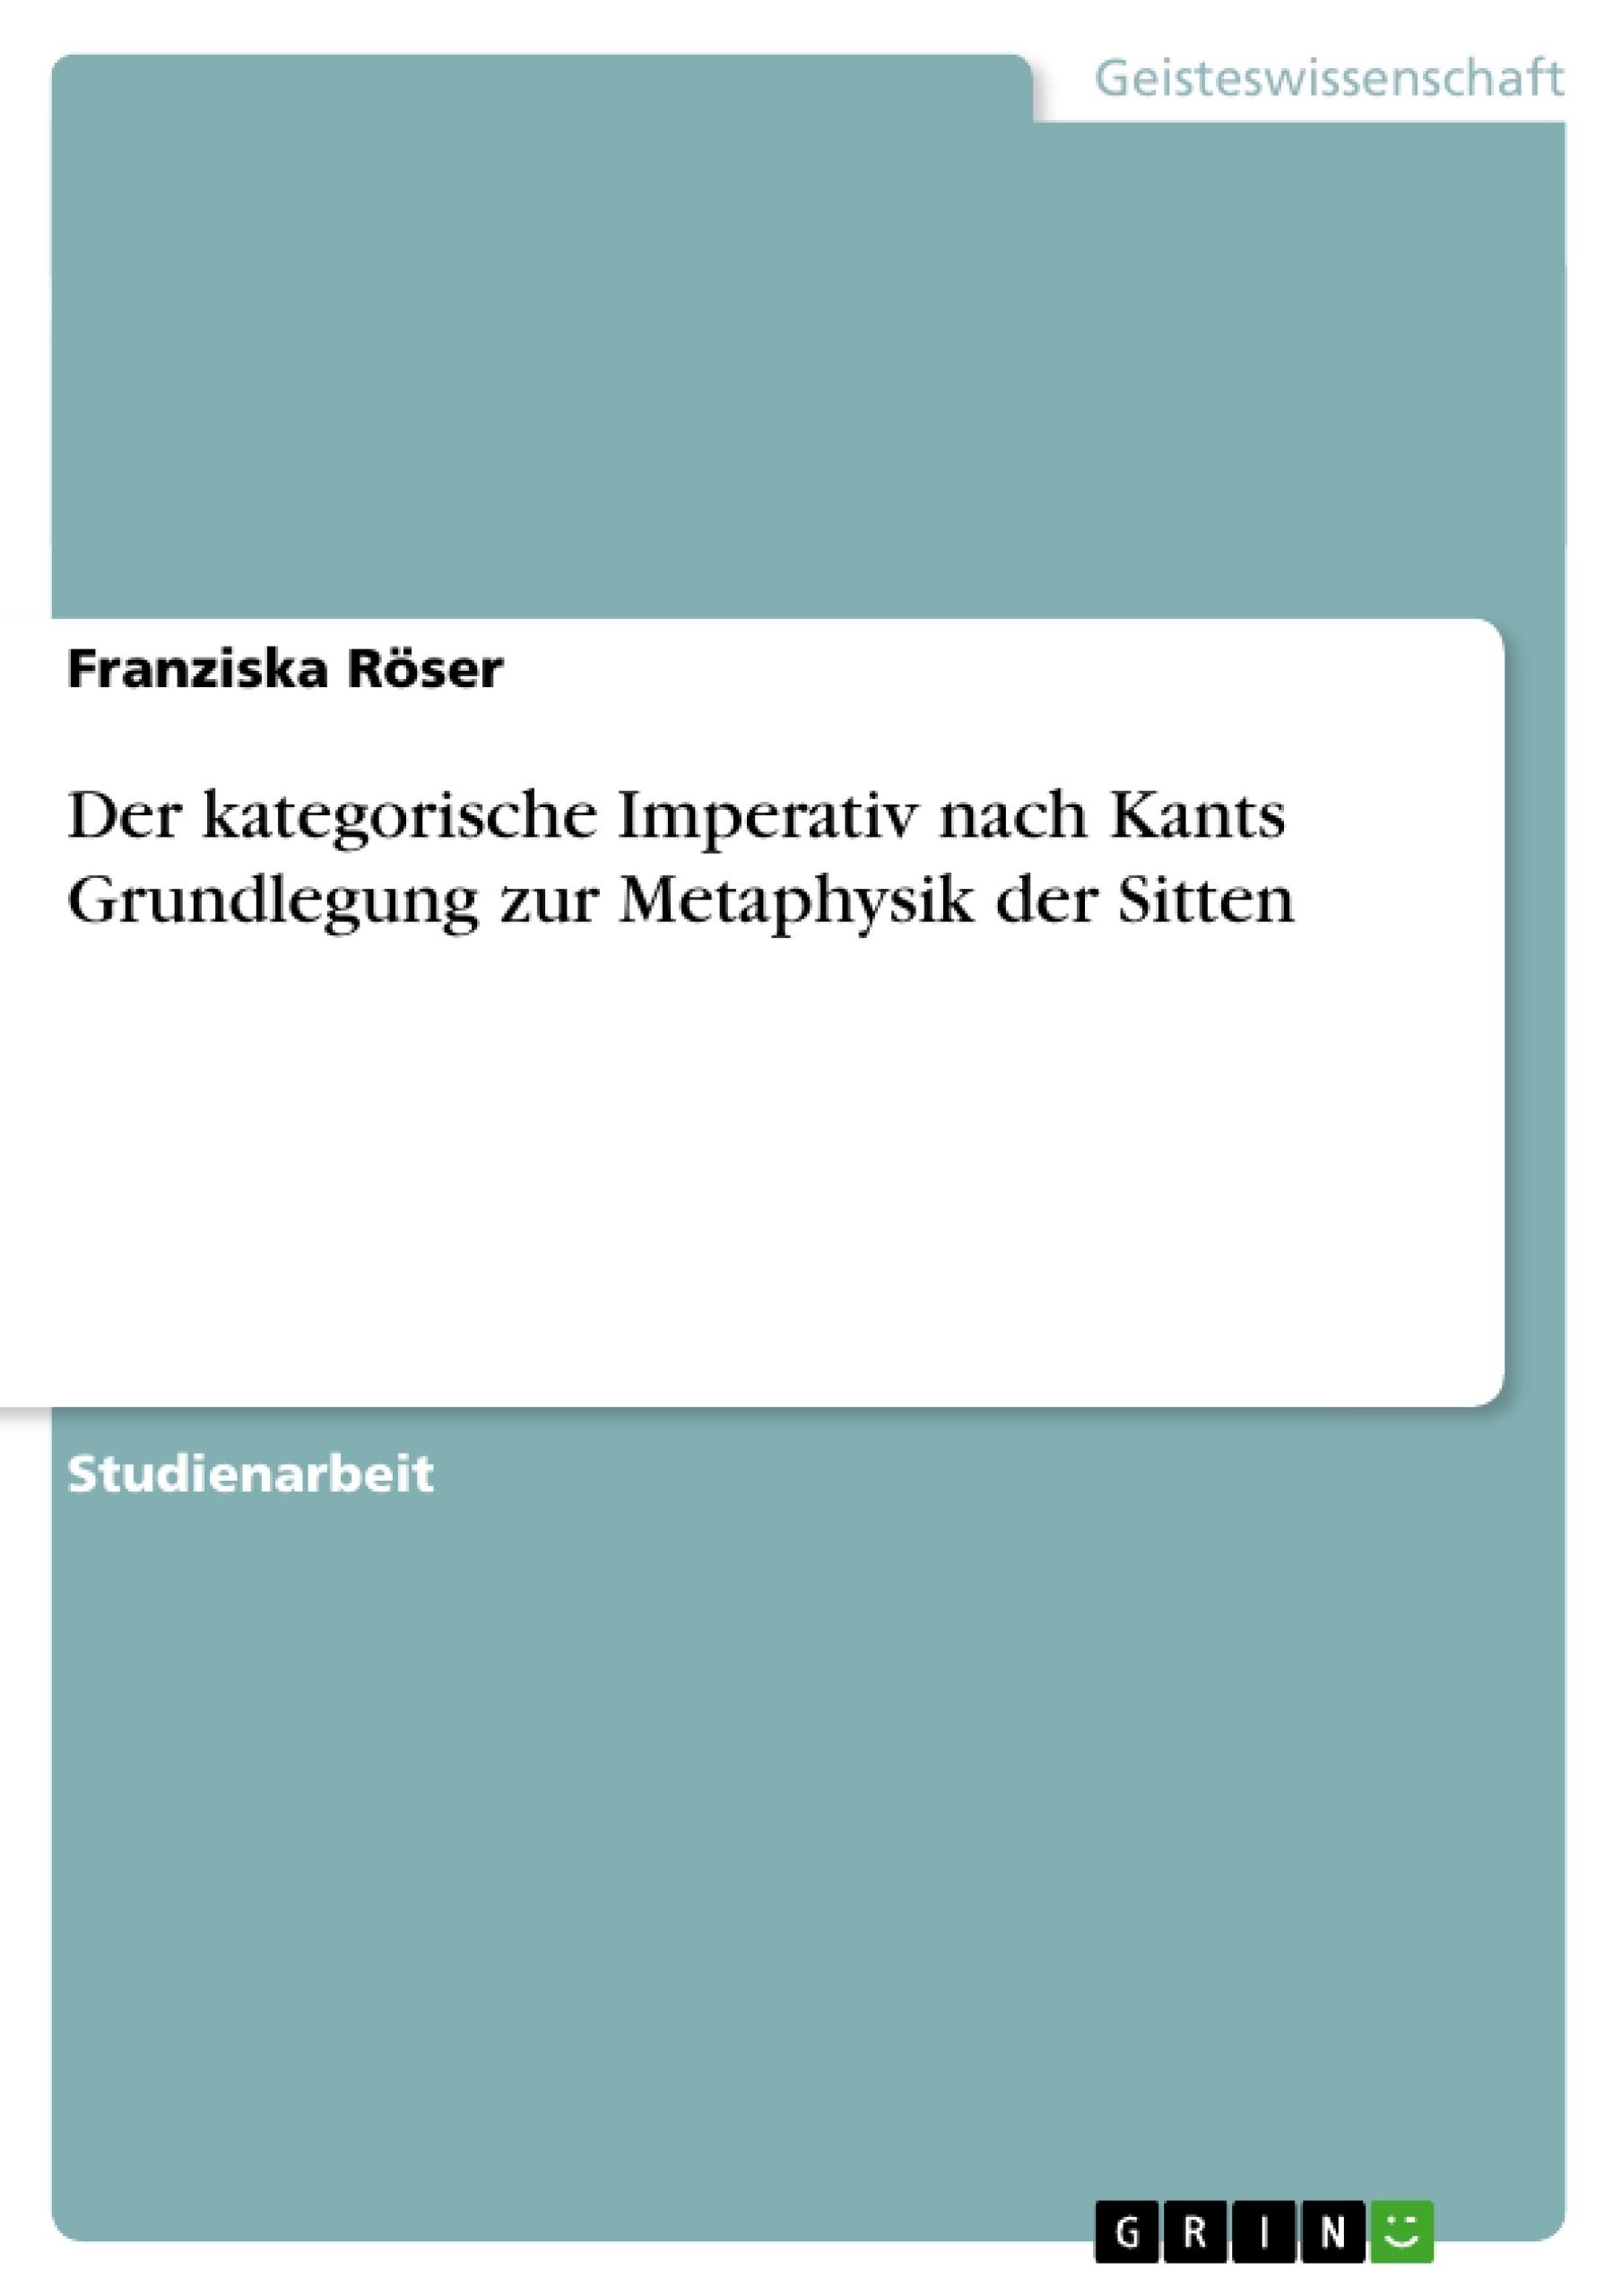 Titel: Der kategorische Imperativ nach Kants Grundlegung zur Metaphysik der Sitten